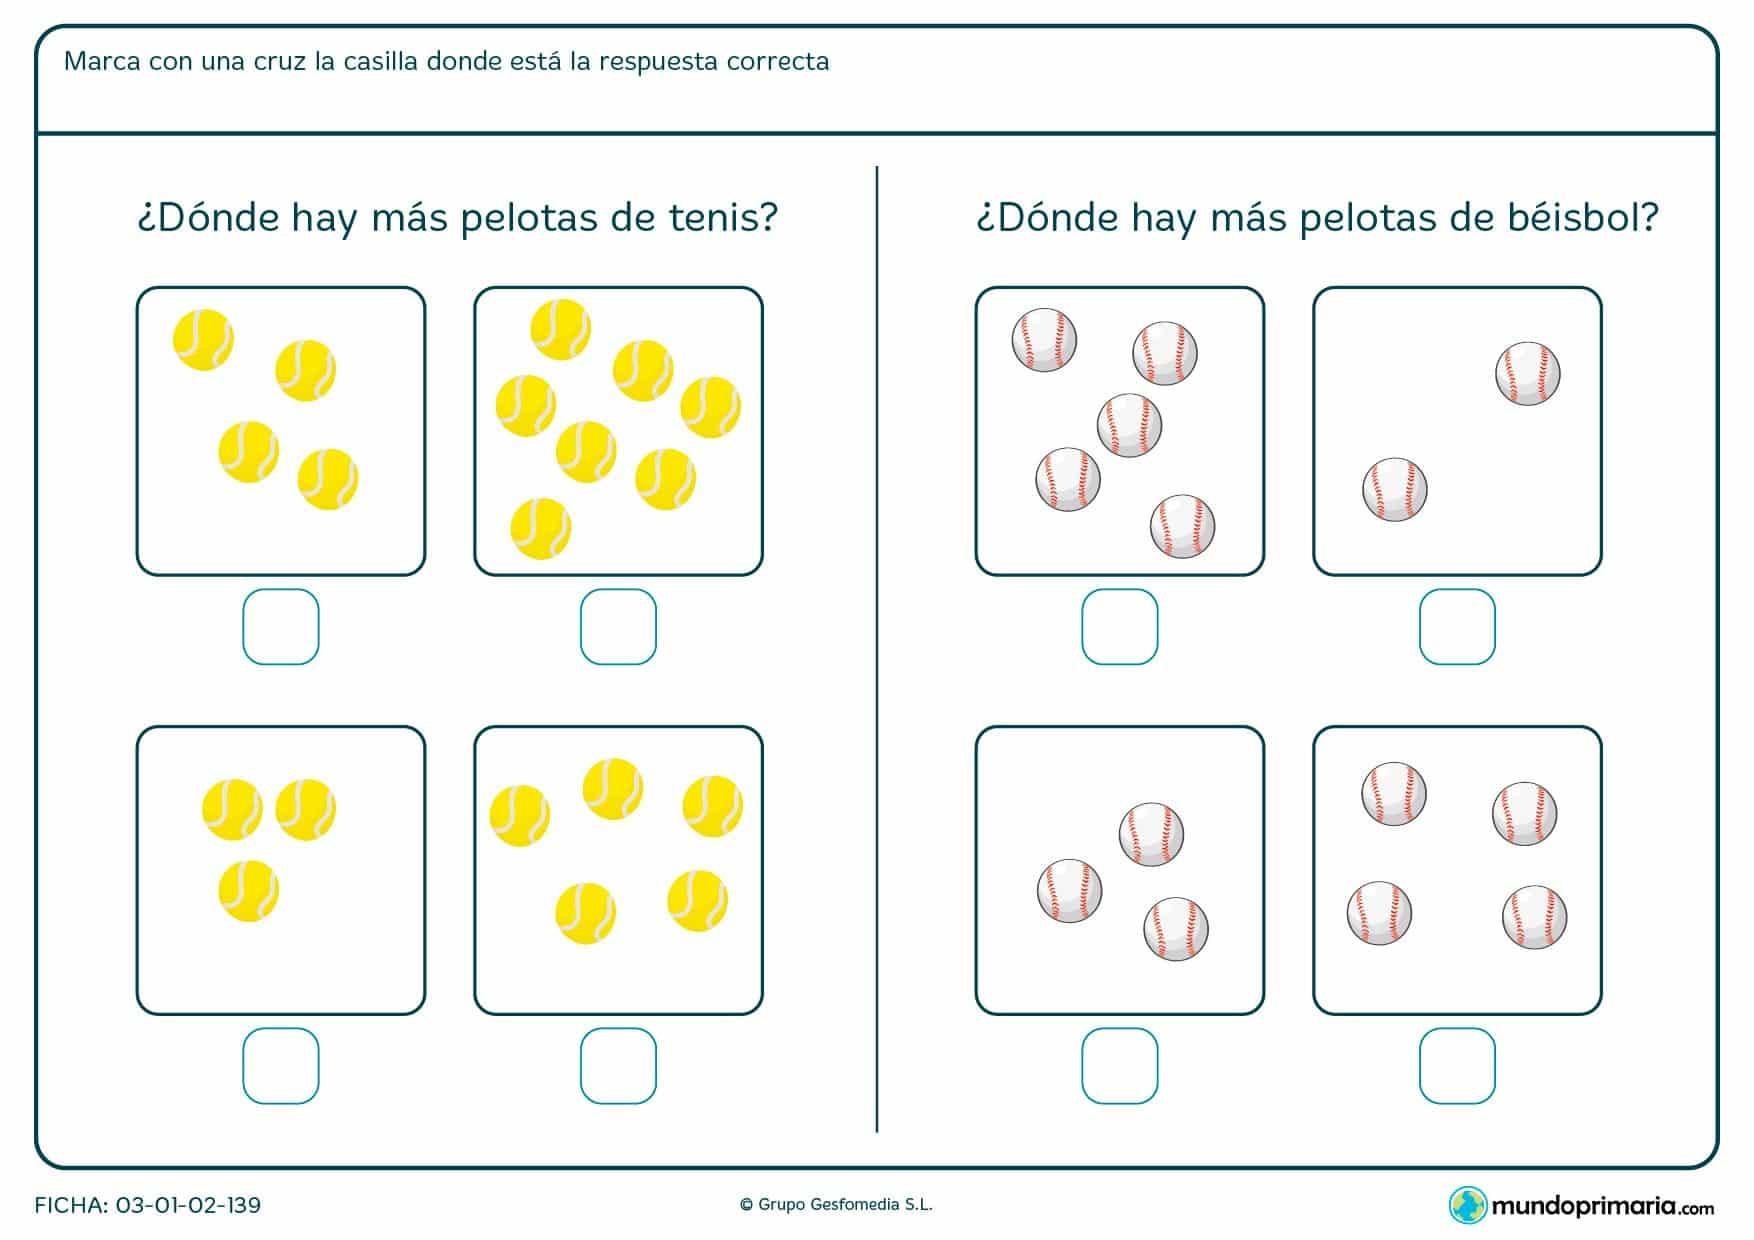 Ficha de indicar la imagen con más pelotas en el que hay que marcar la casilla correspondiente con una cruz.